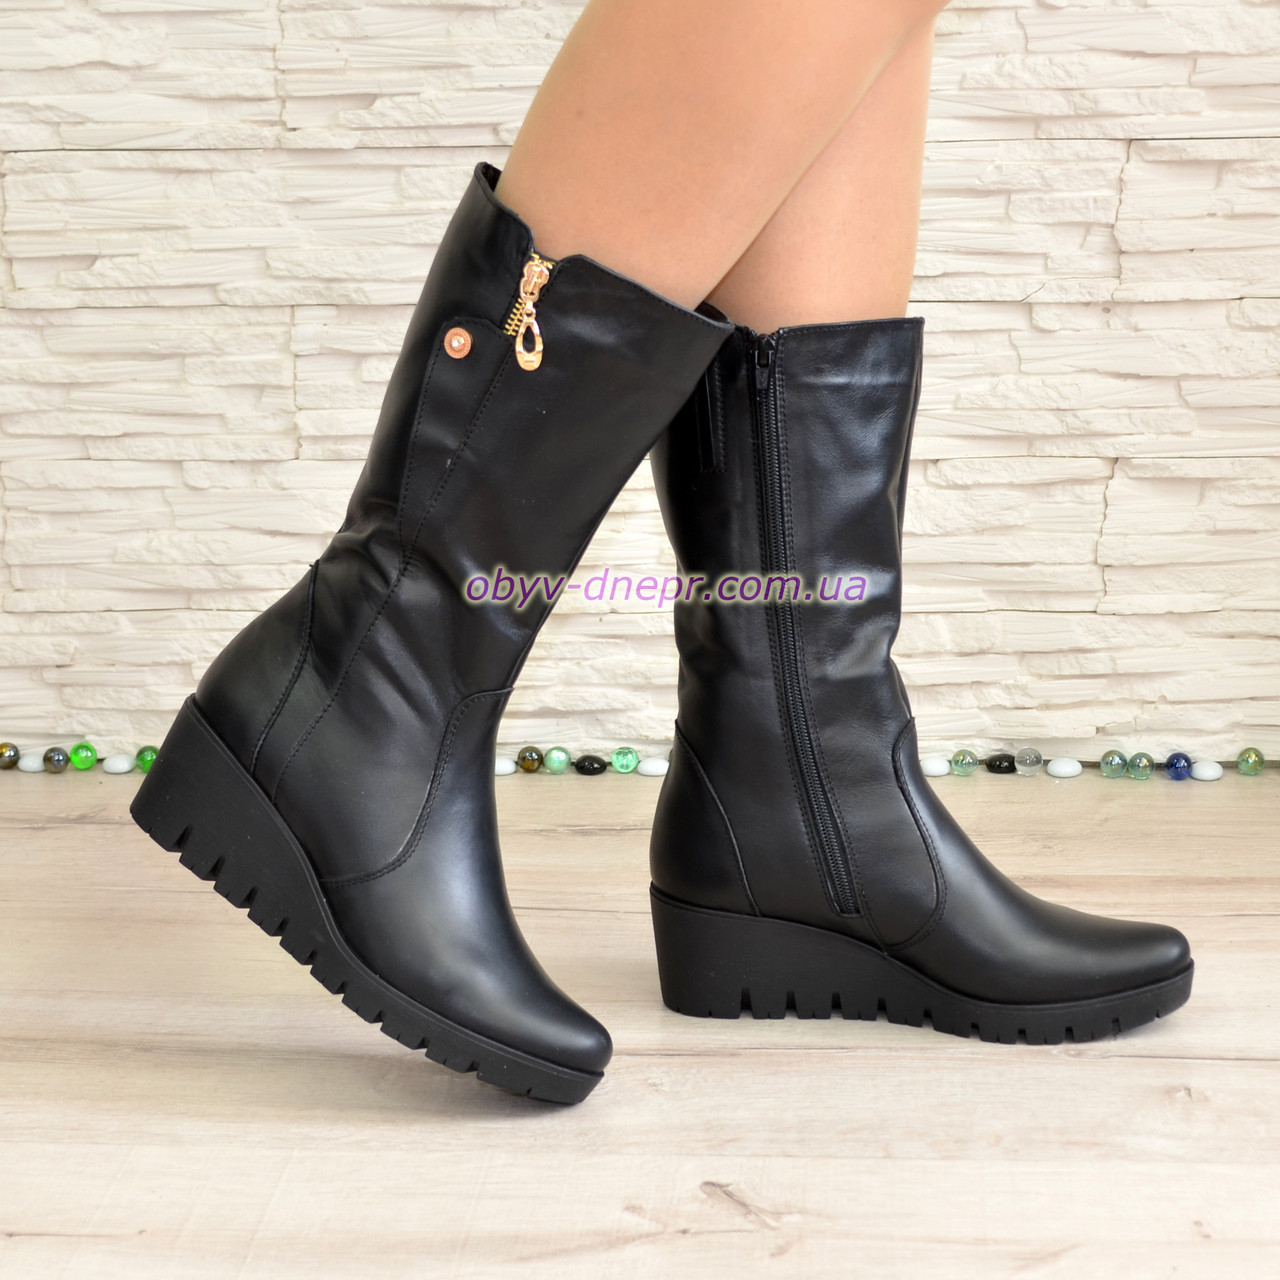 Женские зимние ботинки на невысокой платформе, натуральная черная кожа. В наличии 41 размер